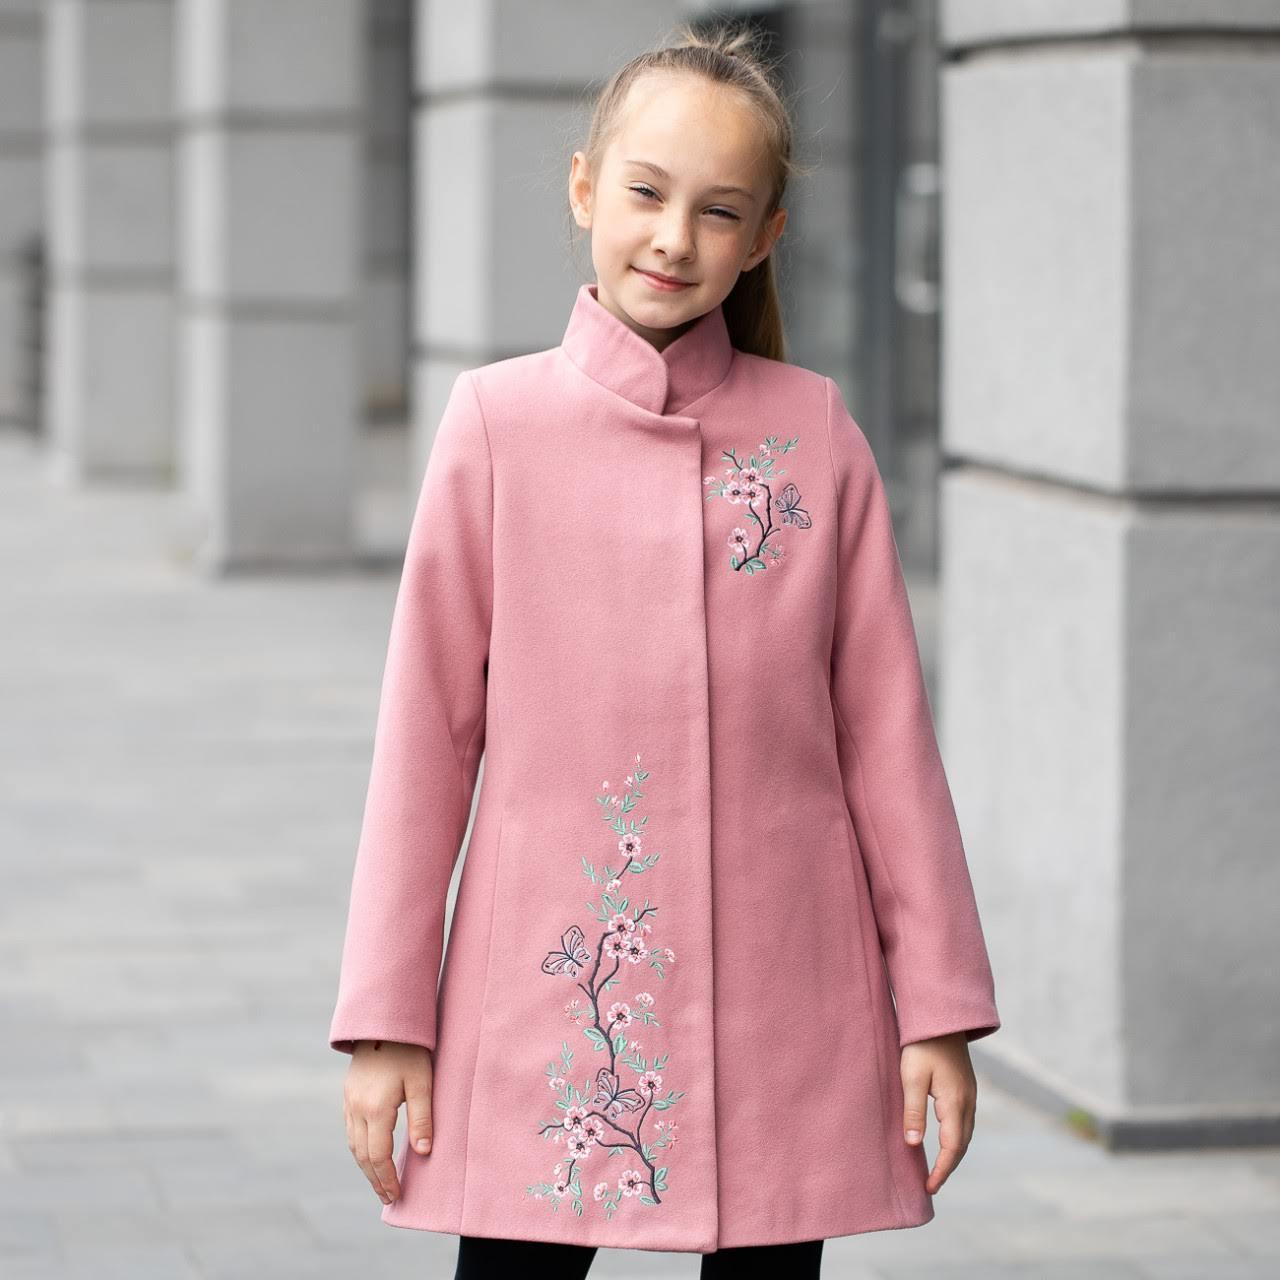 Демисезонное пальто для девочки «Сакура», цвет - пудра, размер 122 - 146.